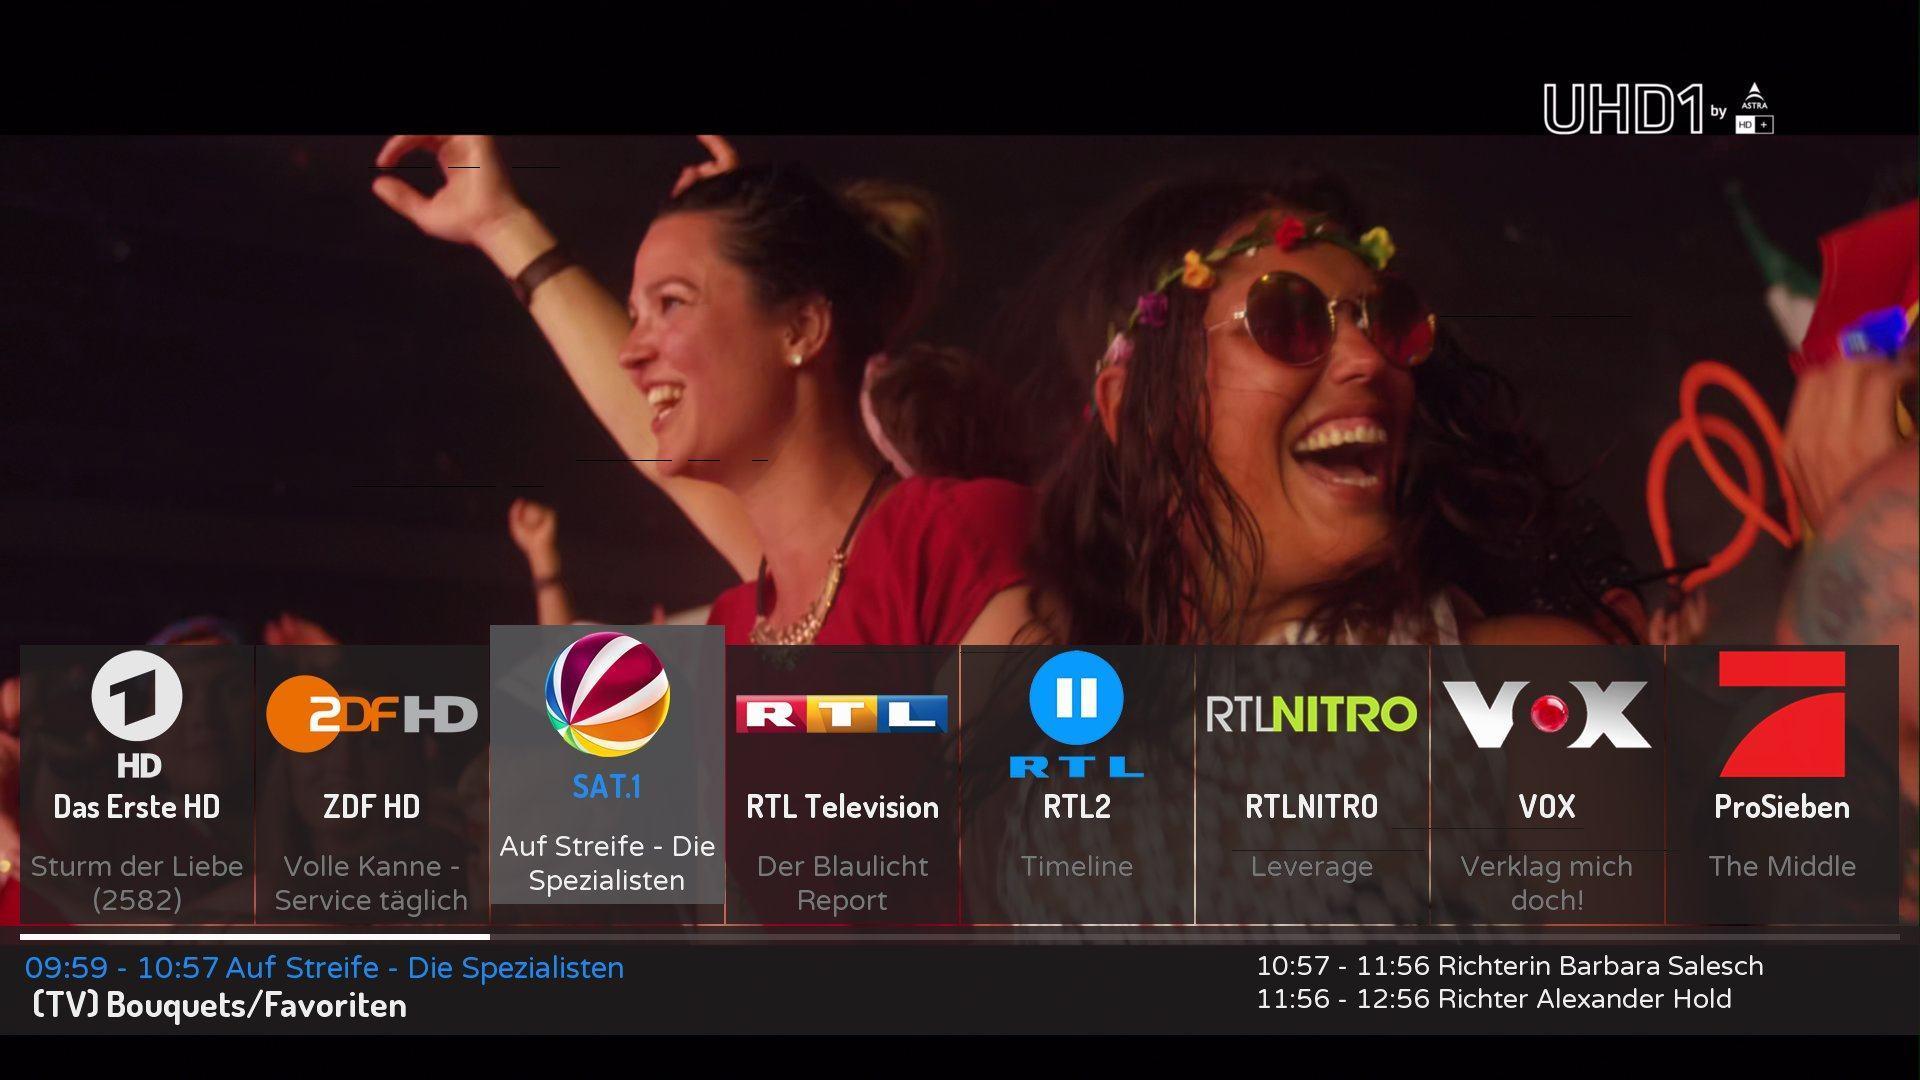 VTi 11.0 Image passend zum Start der VU+ Uno 4K erschienen 19